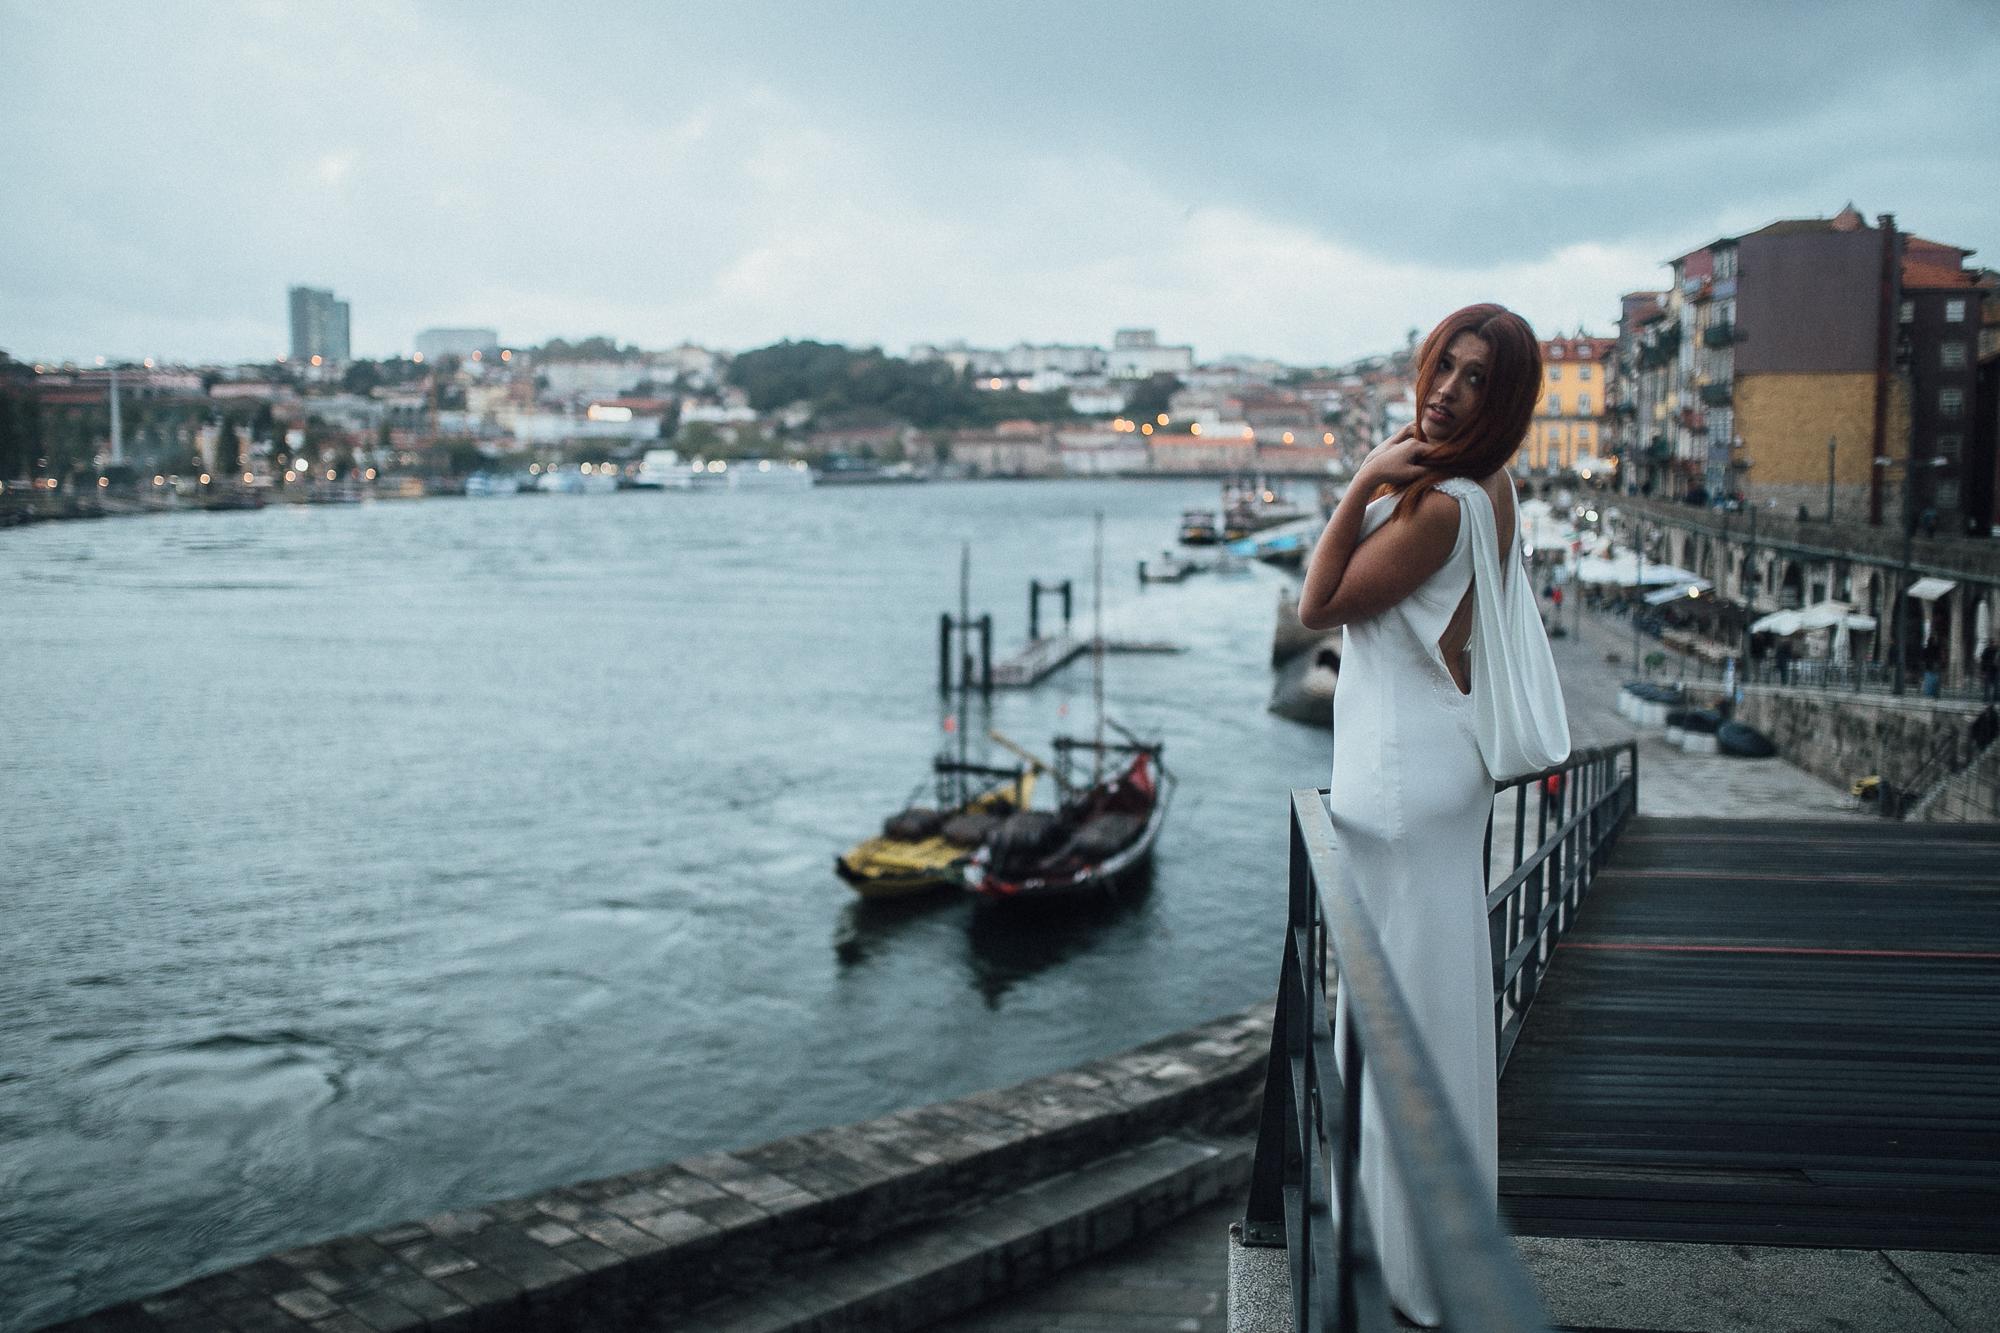 fotografo_de bodas_portugal_alfonso_flores-8080.jpg